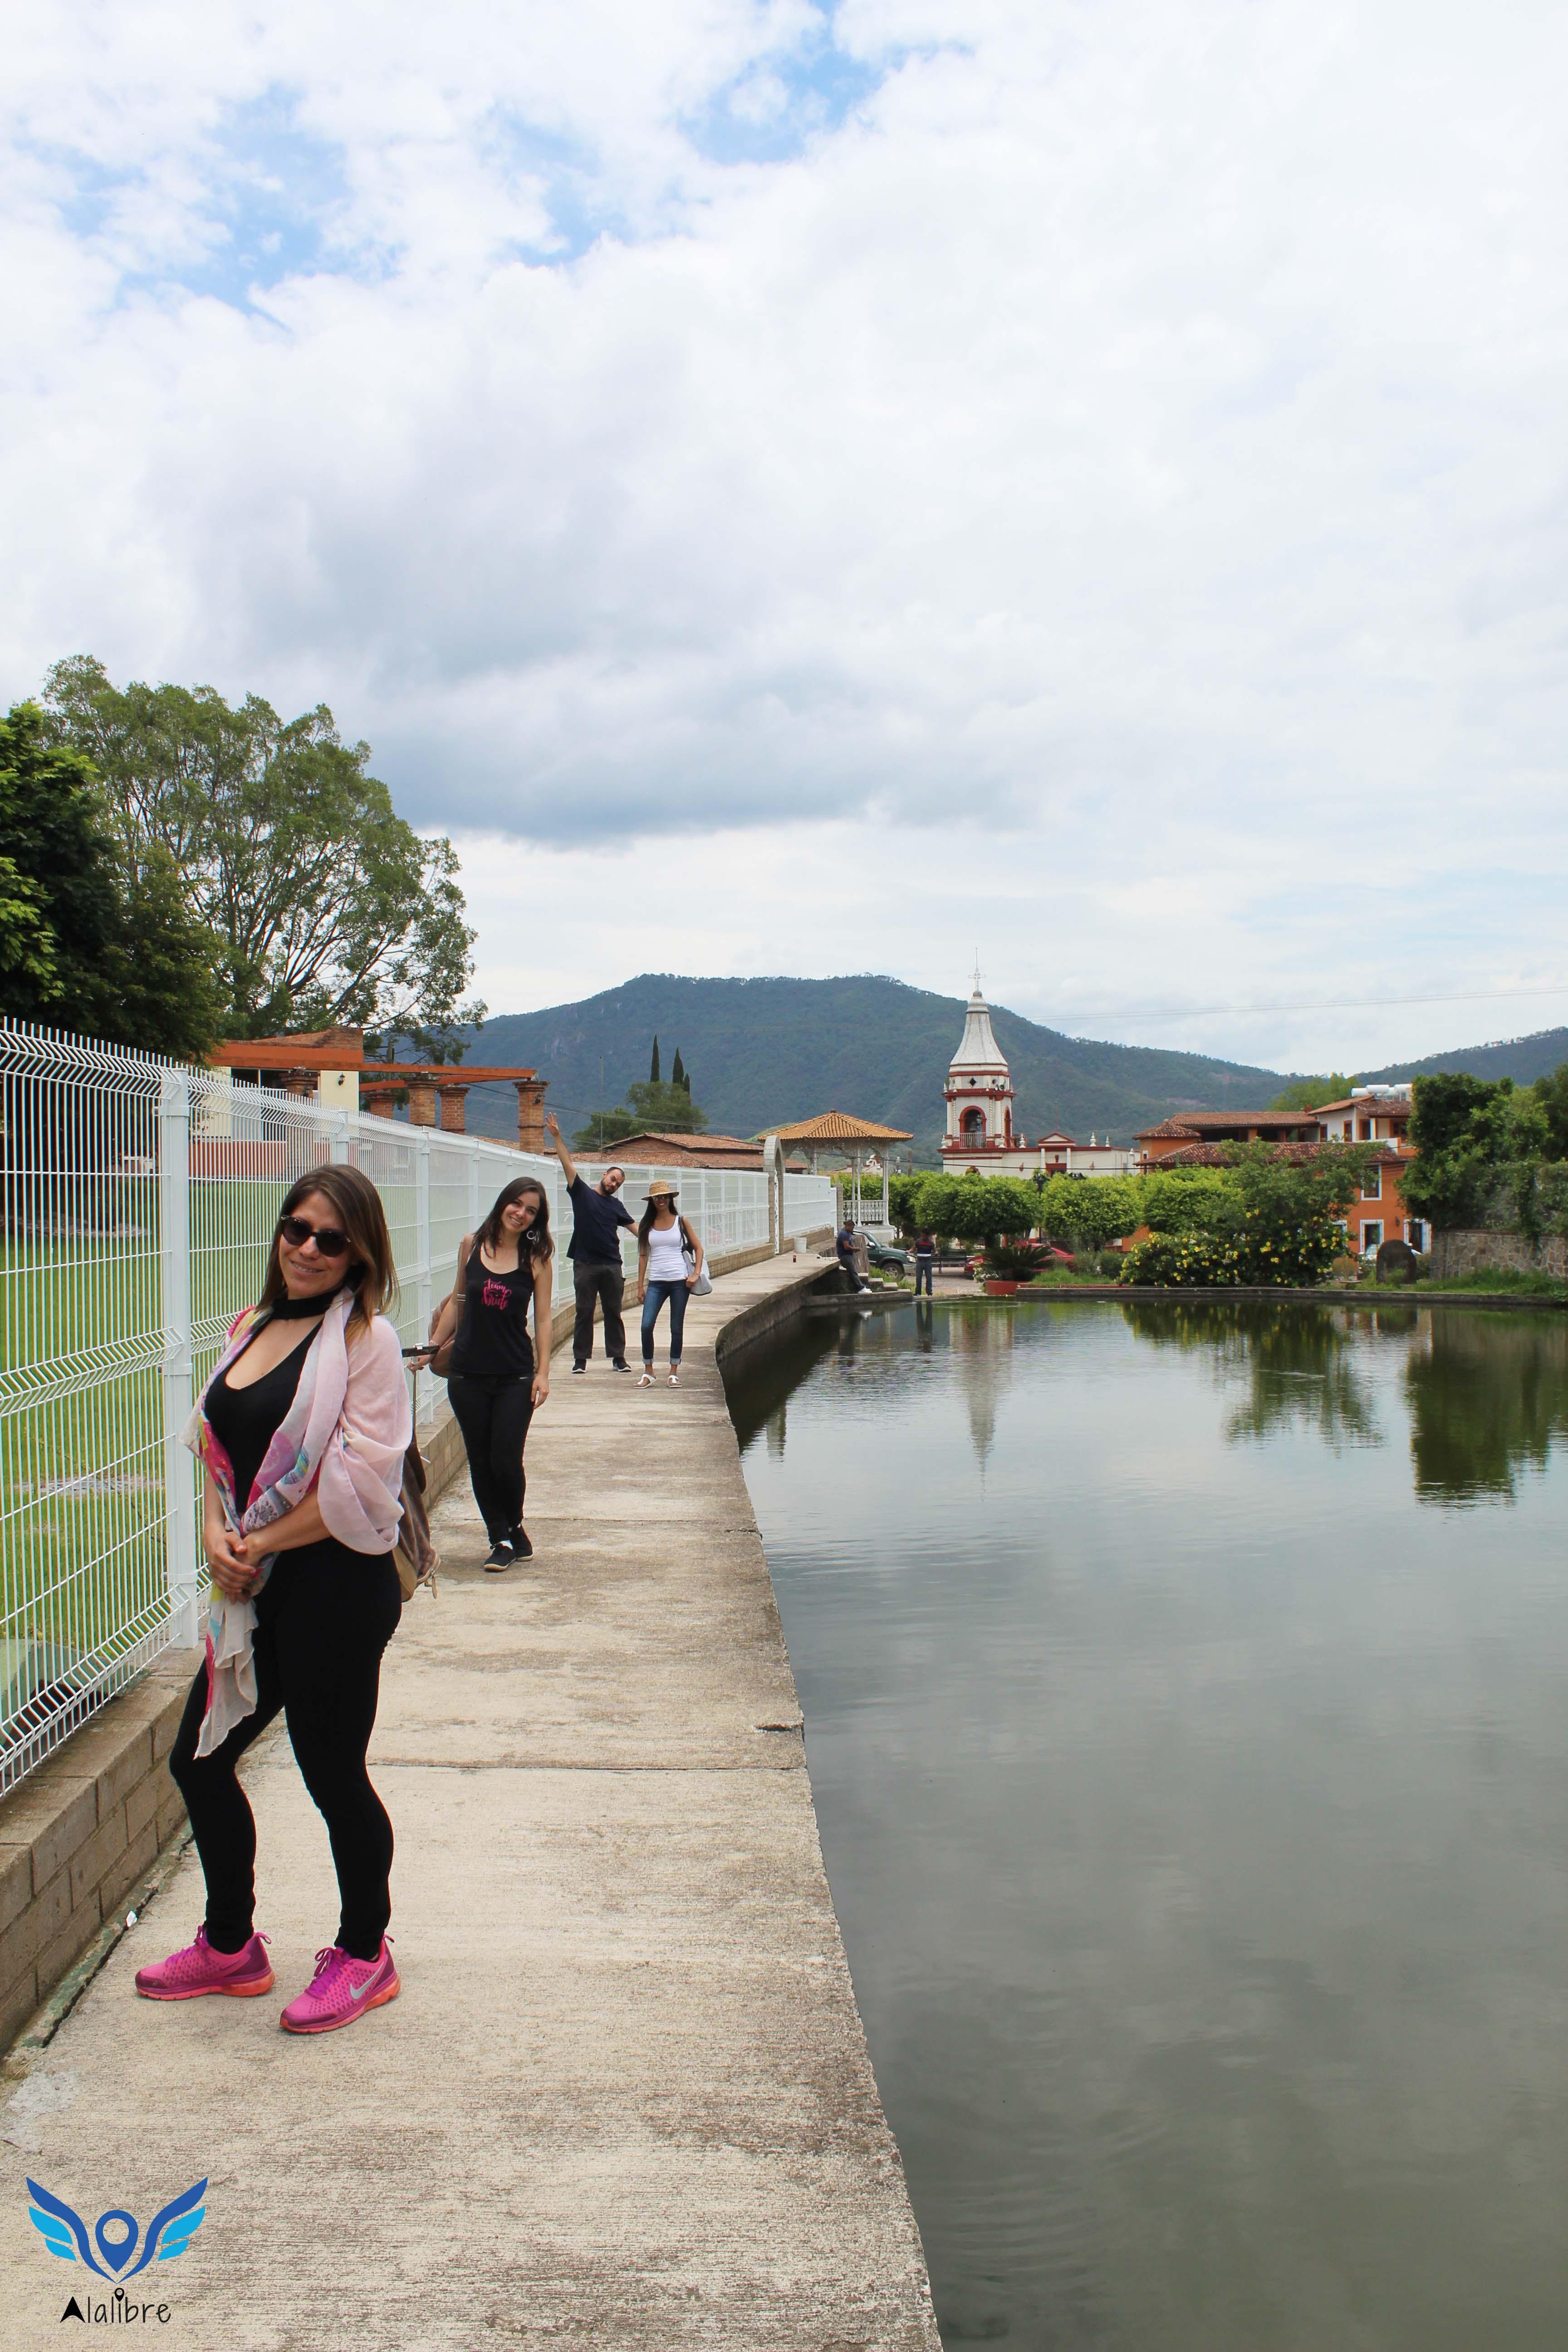 Posing at La Yerbabuena.